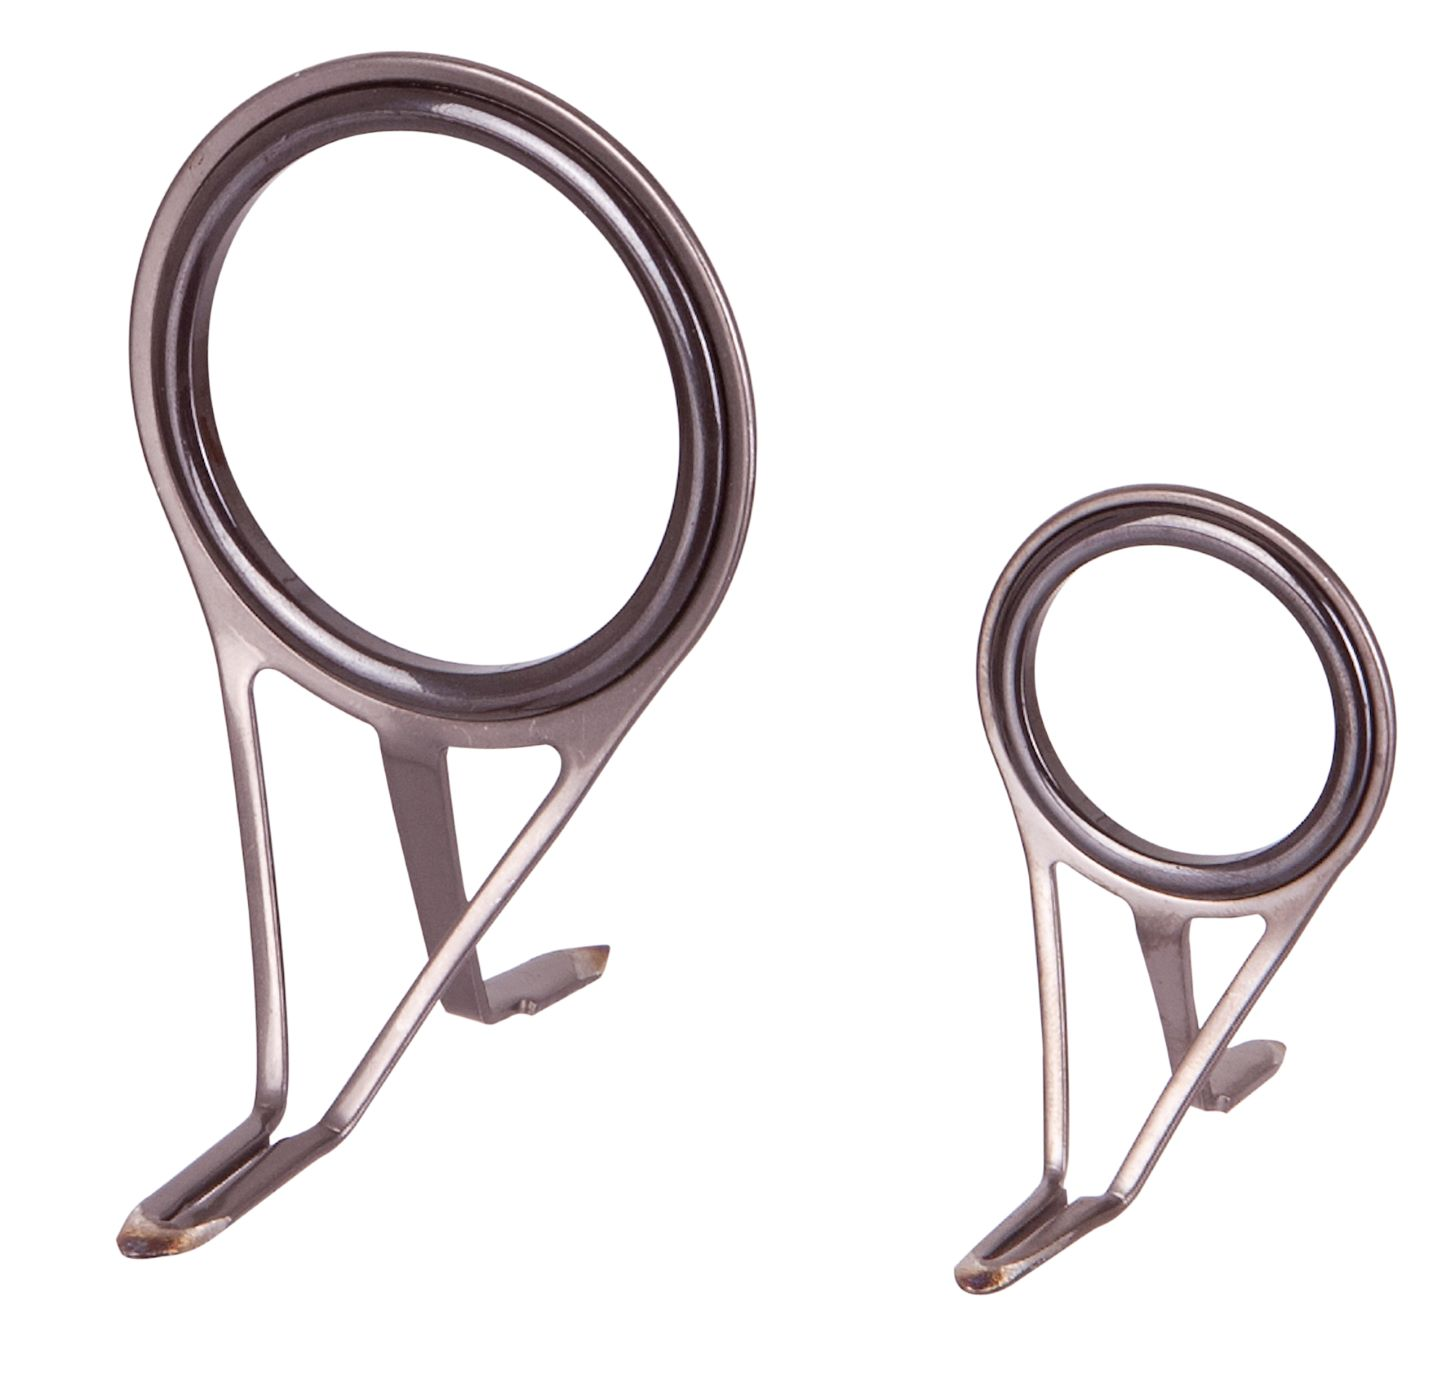 Náhradné očko Anaconda TSG Gunsmoke - priebežné priemer: 12 mm